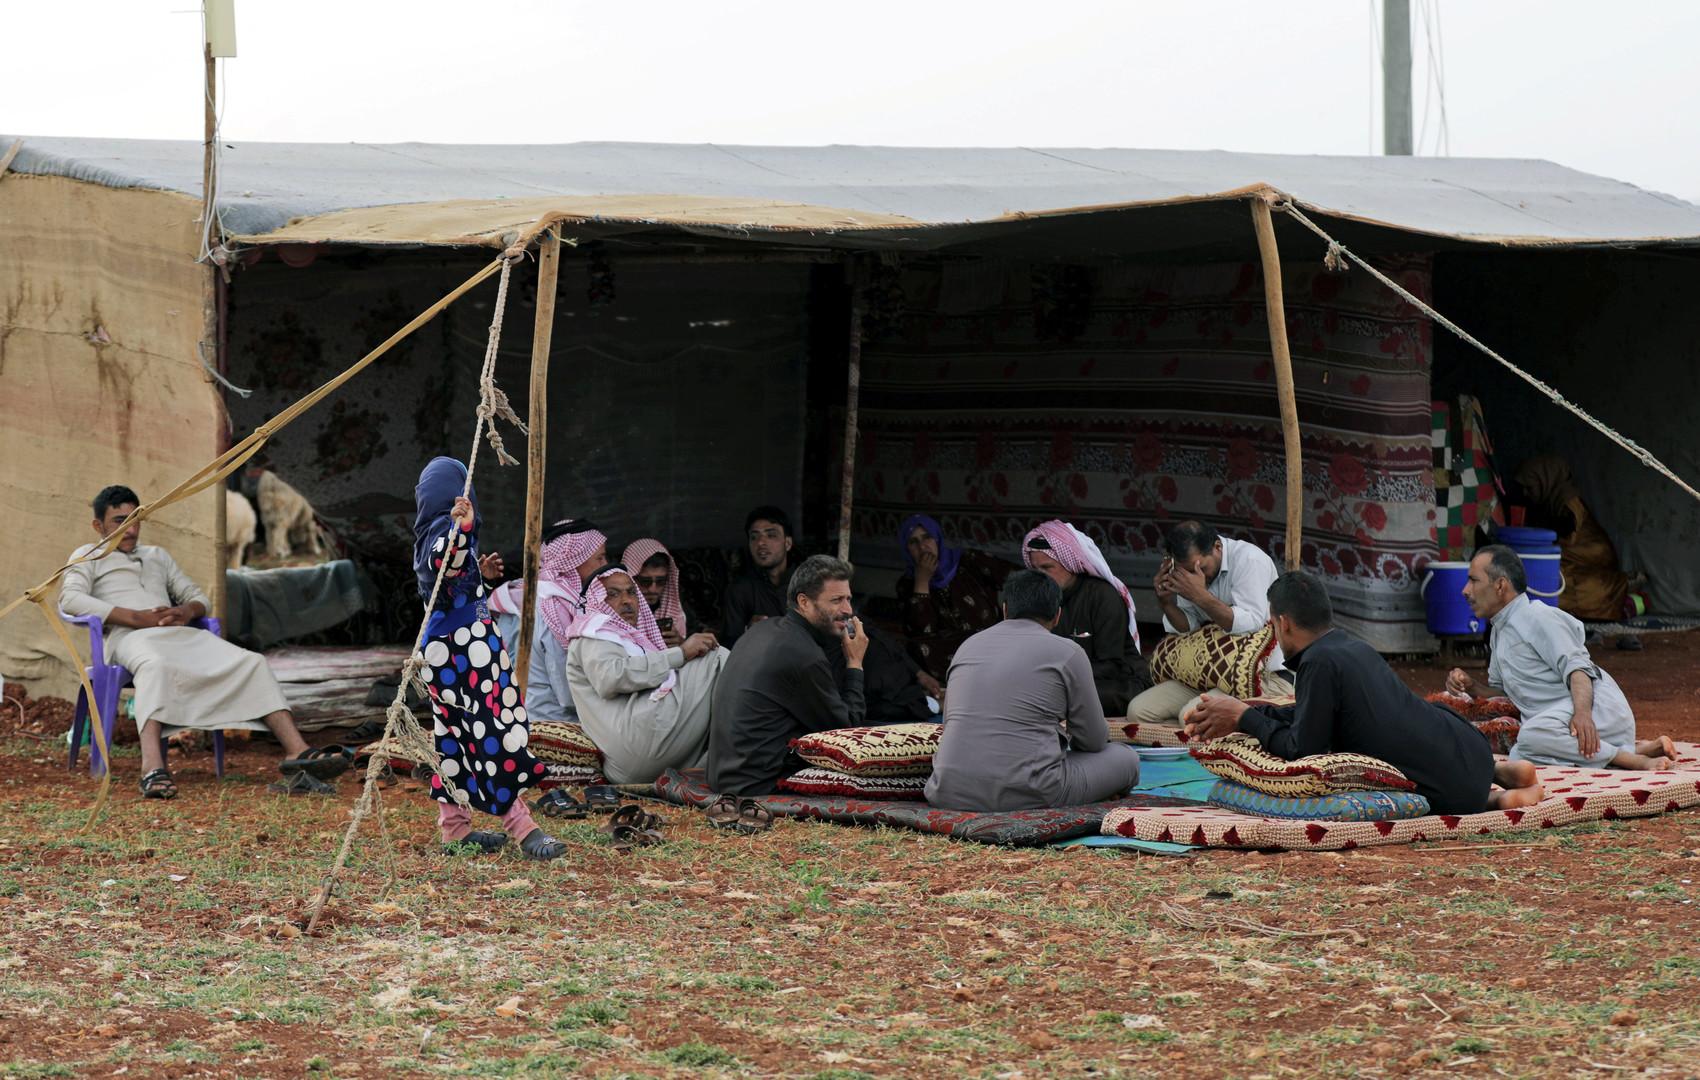 روسيا وسوريا تتهمان الأمم المتحدة بالتقليل من حجم الكارثة الإنسانية في مخيم الهول